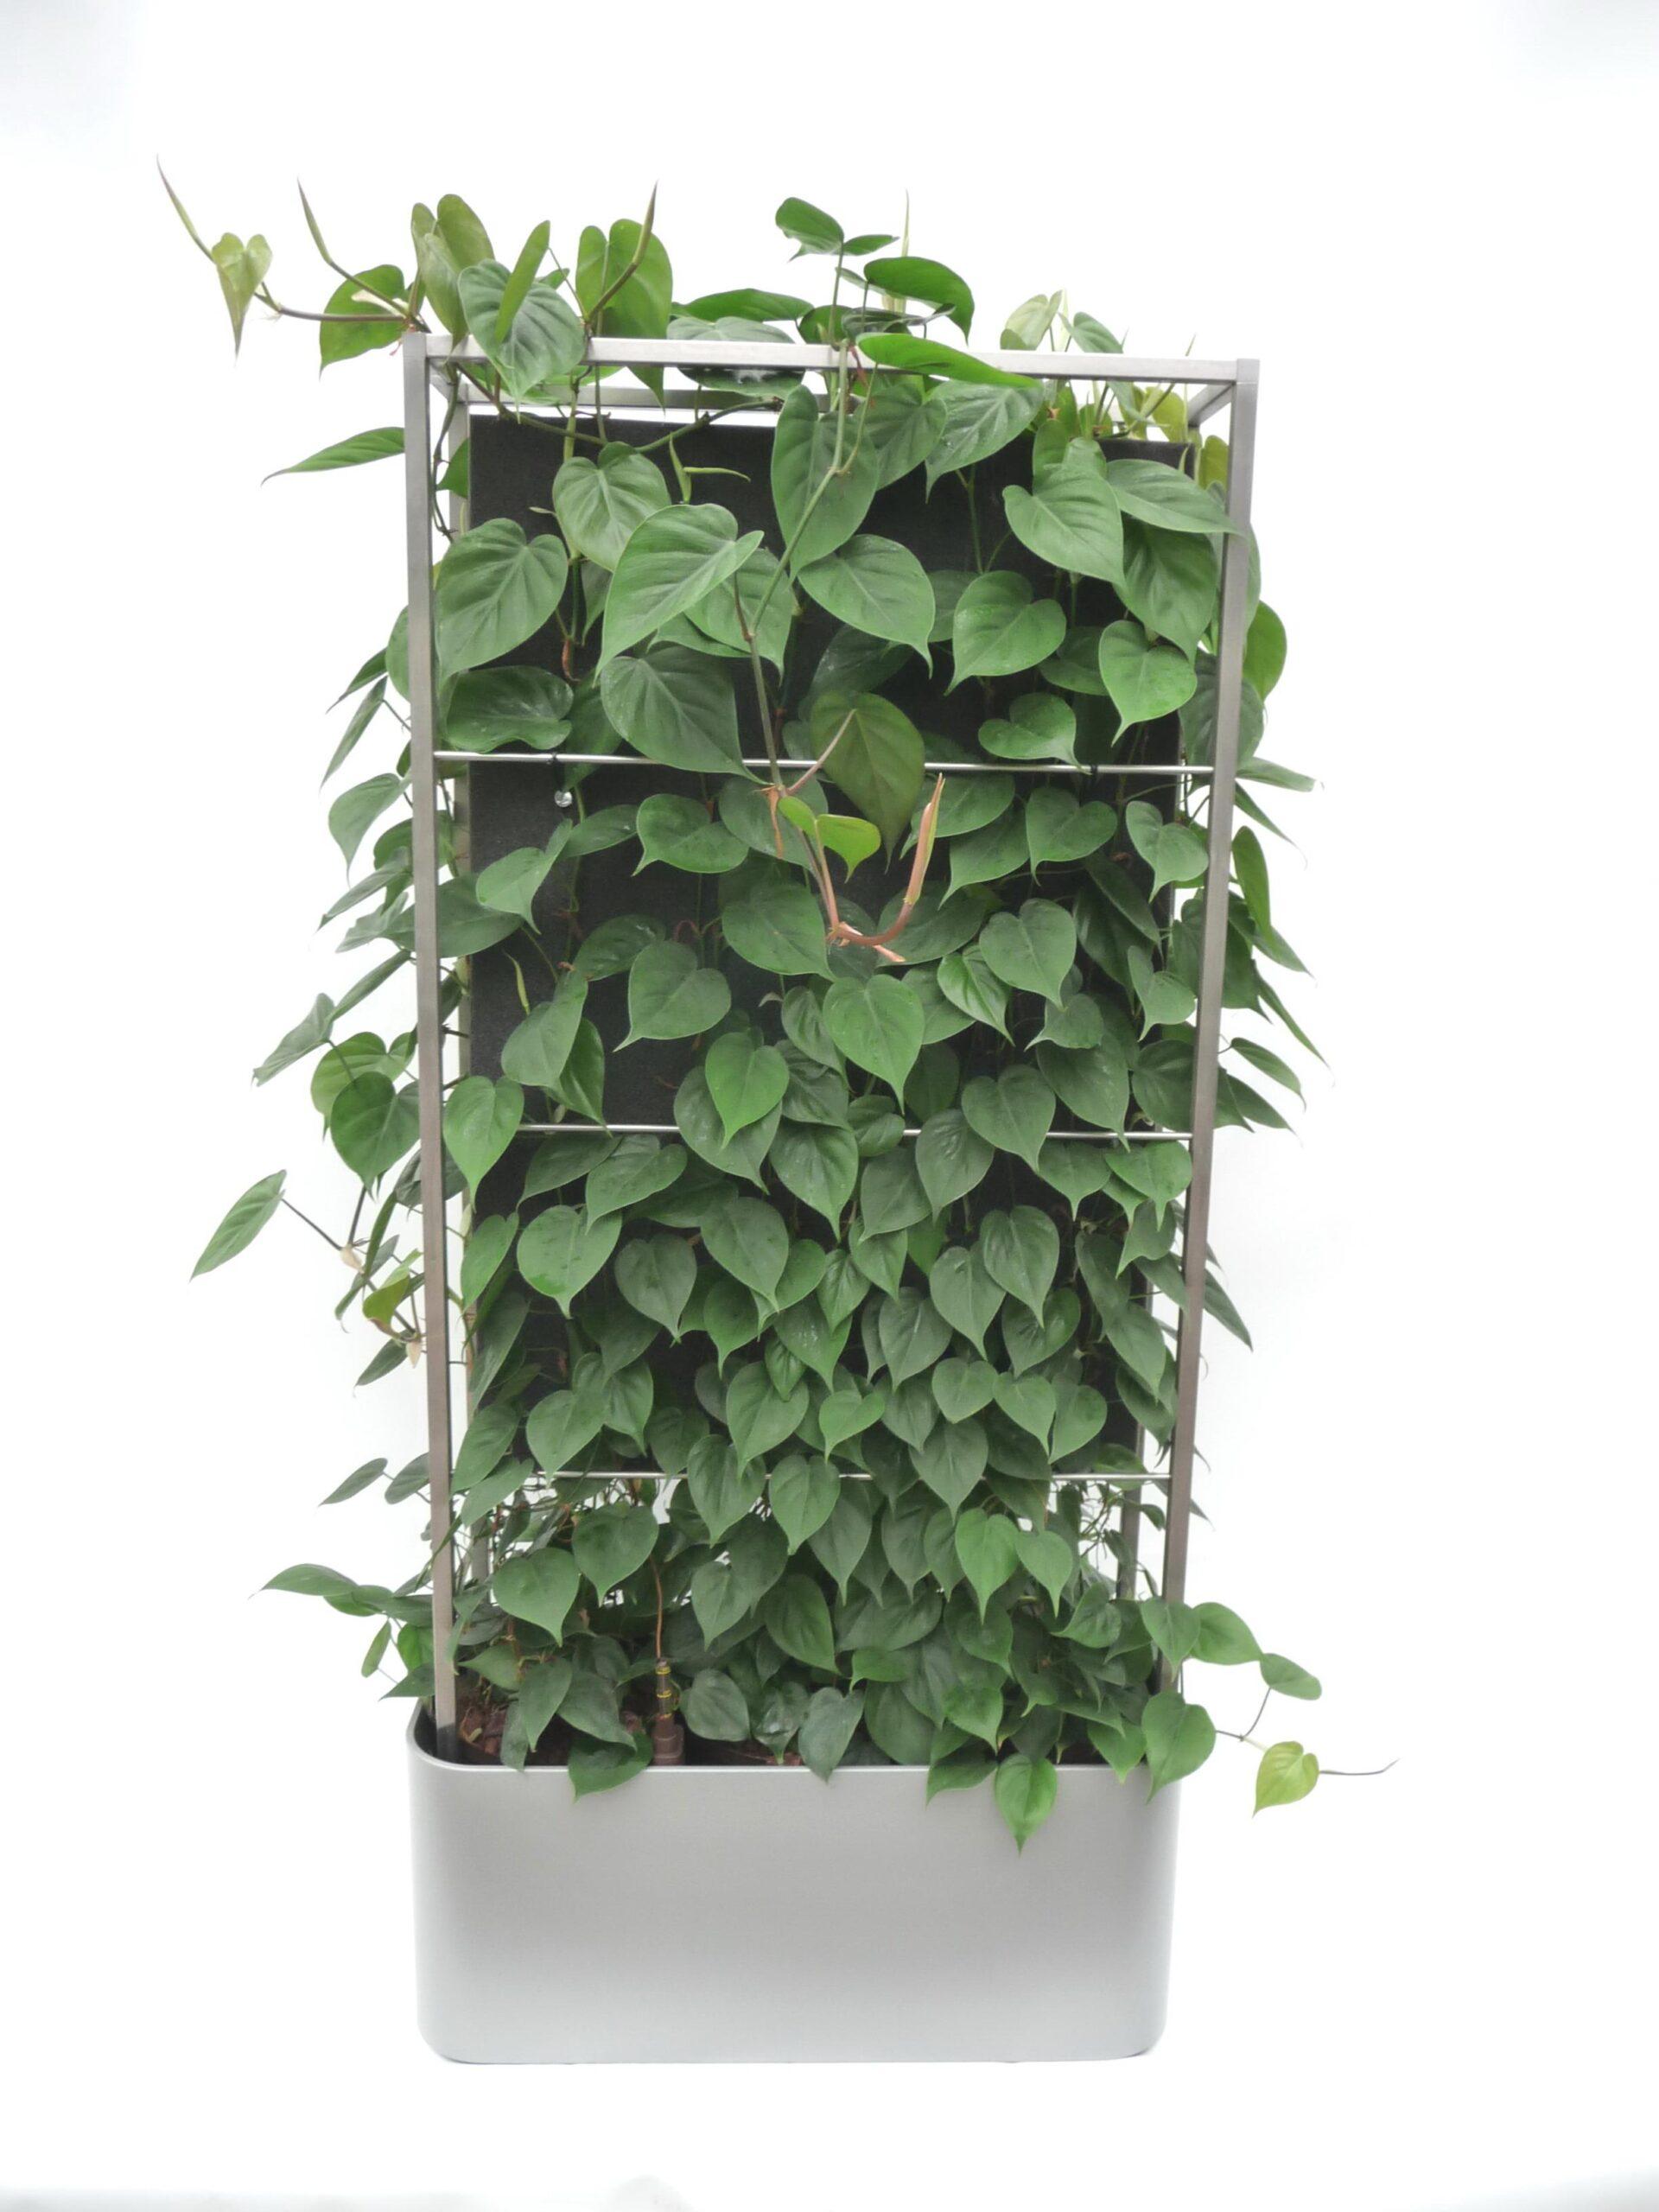 Full Size of Paravent Balkon Bauhaus Pflanzen Mobiler Raumteiler Si Fenster Garten Wohnzimmer Paravent Balkon Bauhaus